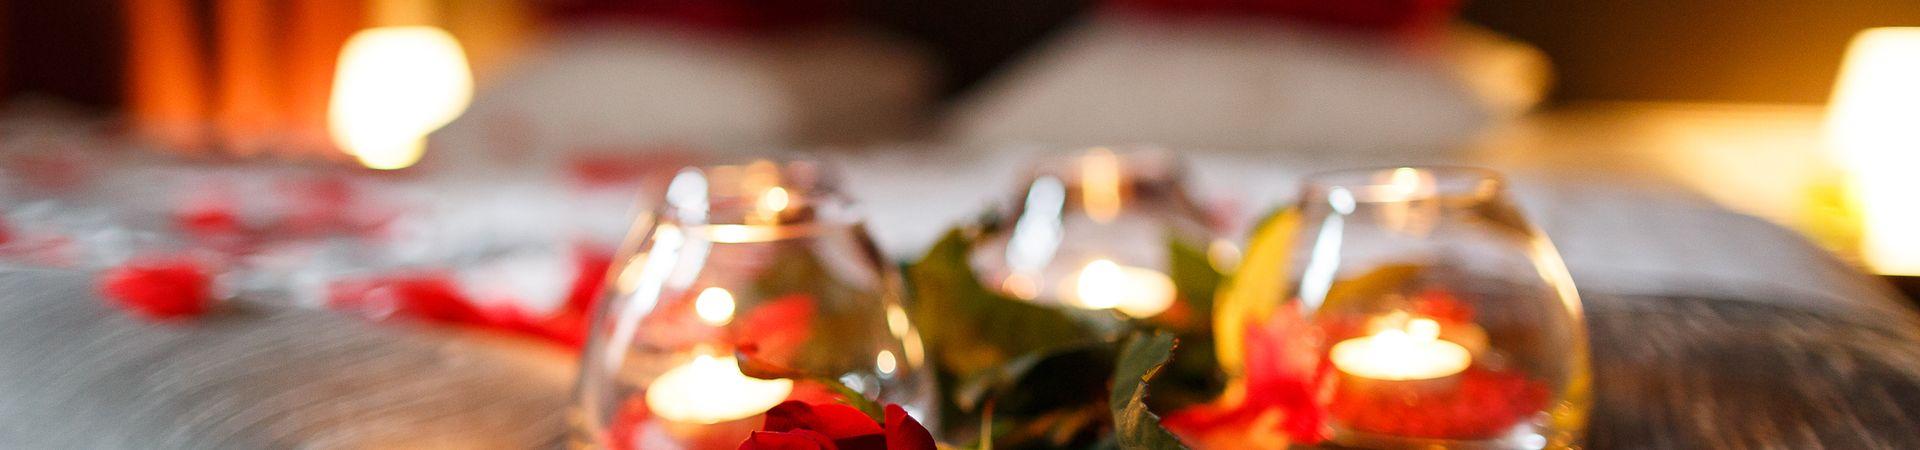 Romantische Hotels in Sachsen Anhalt